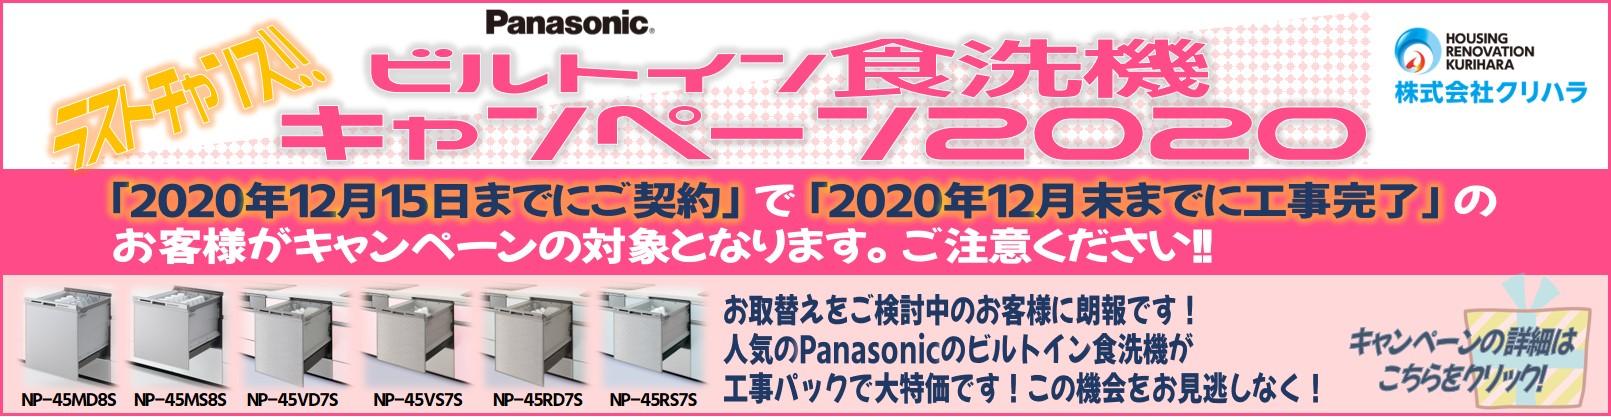 ラストチャンス!!Panasonicビルトイン食洗機キャンペーン2020